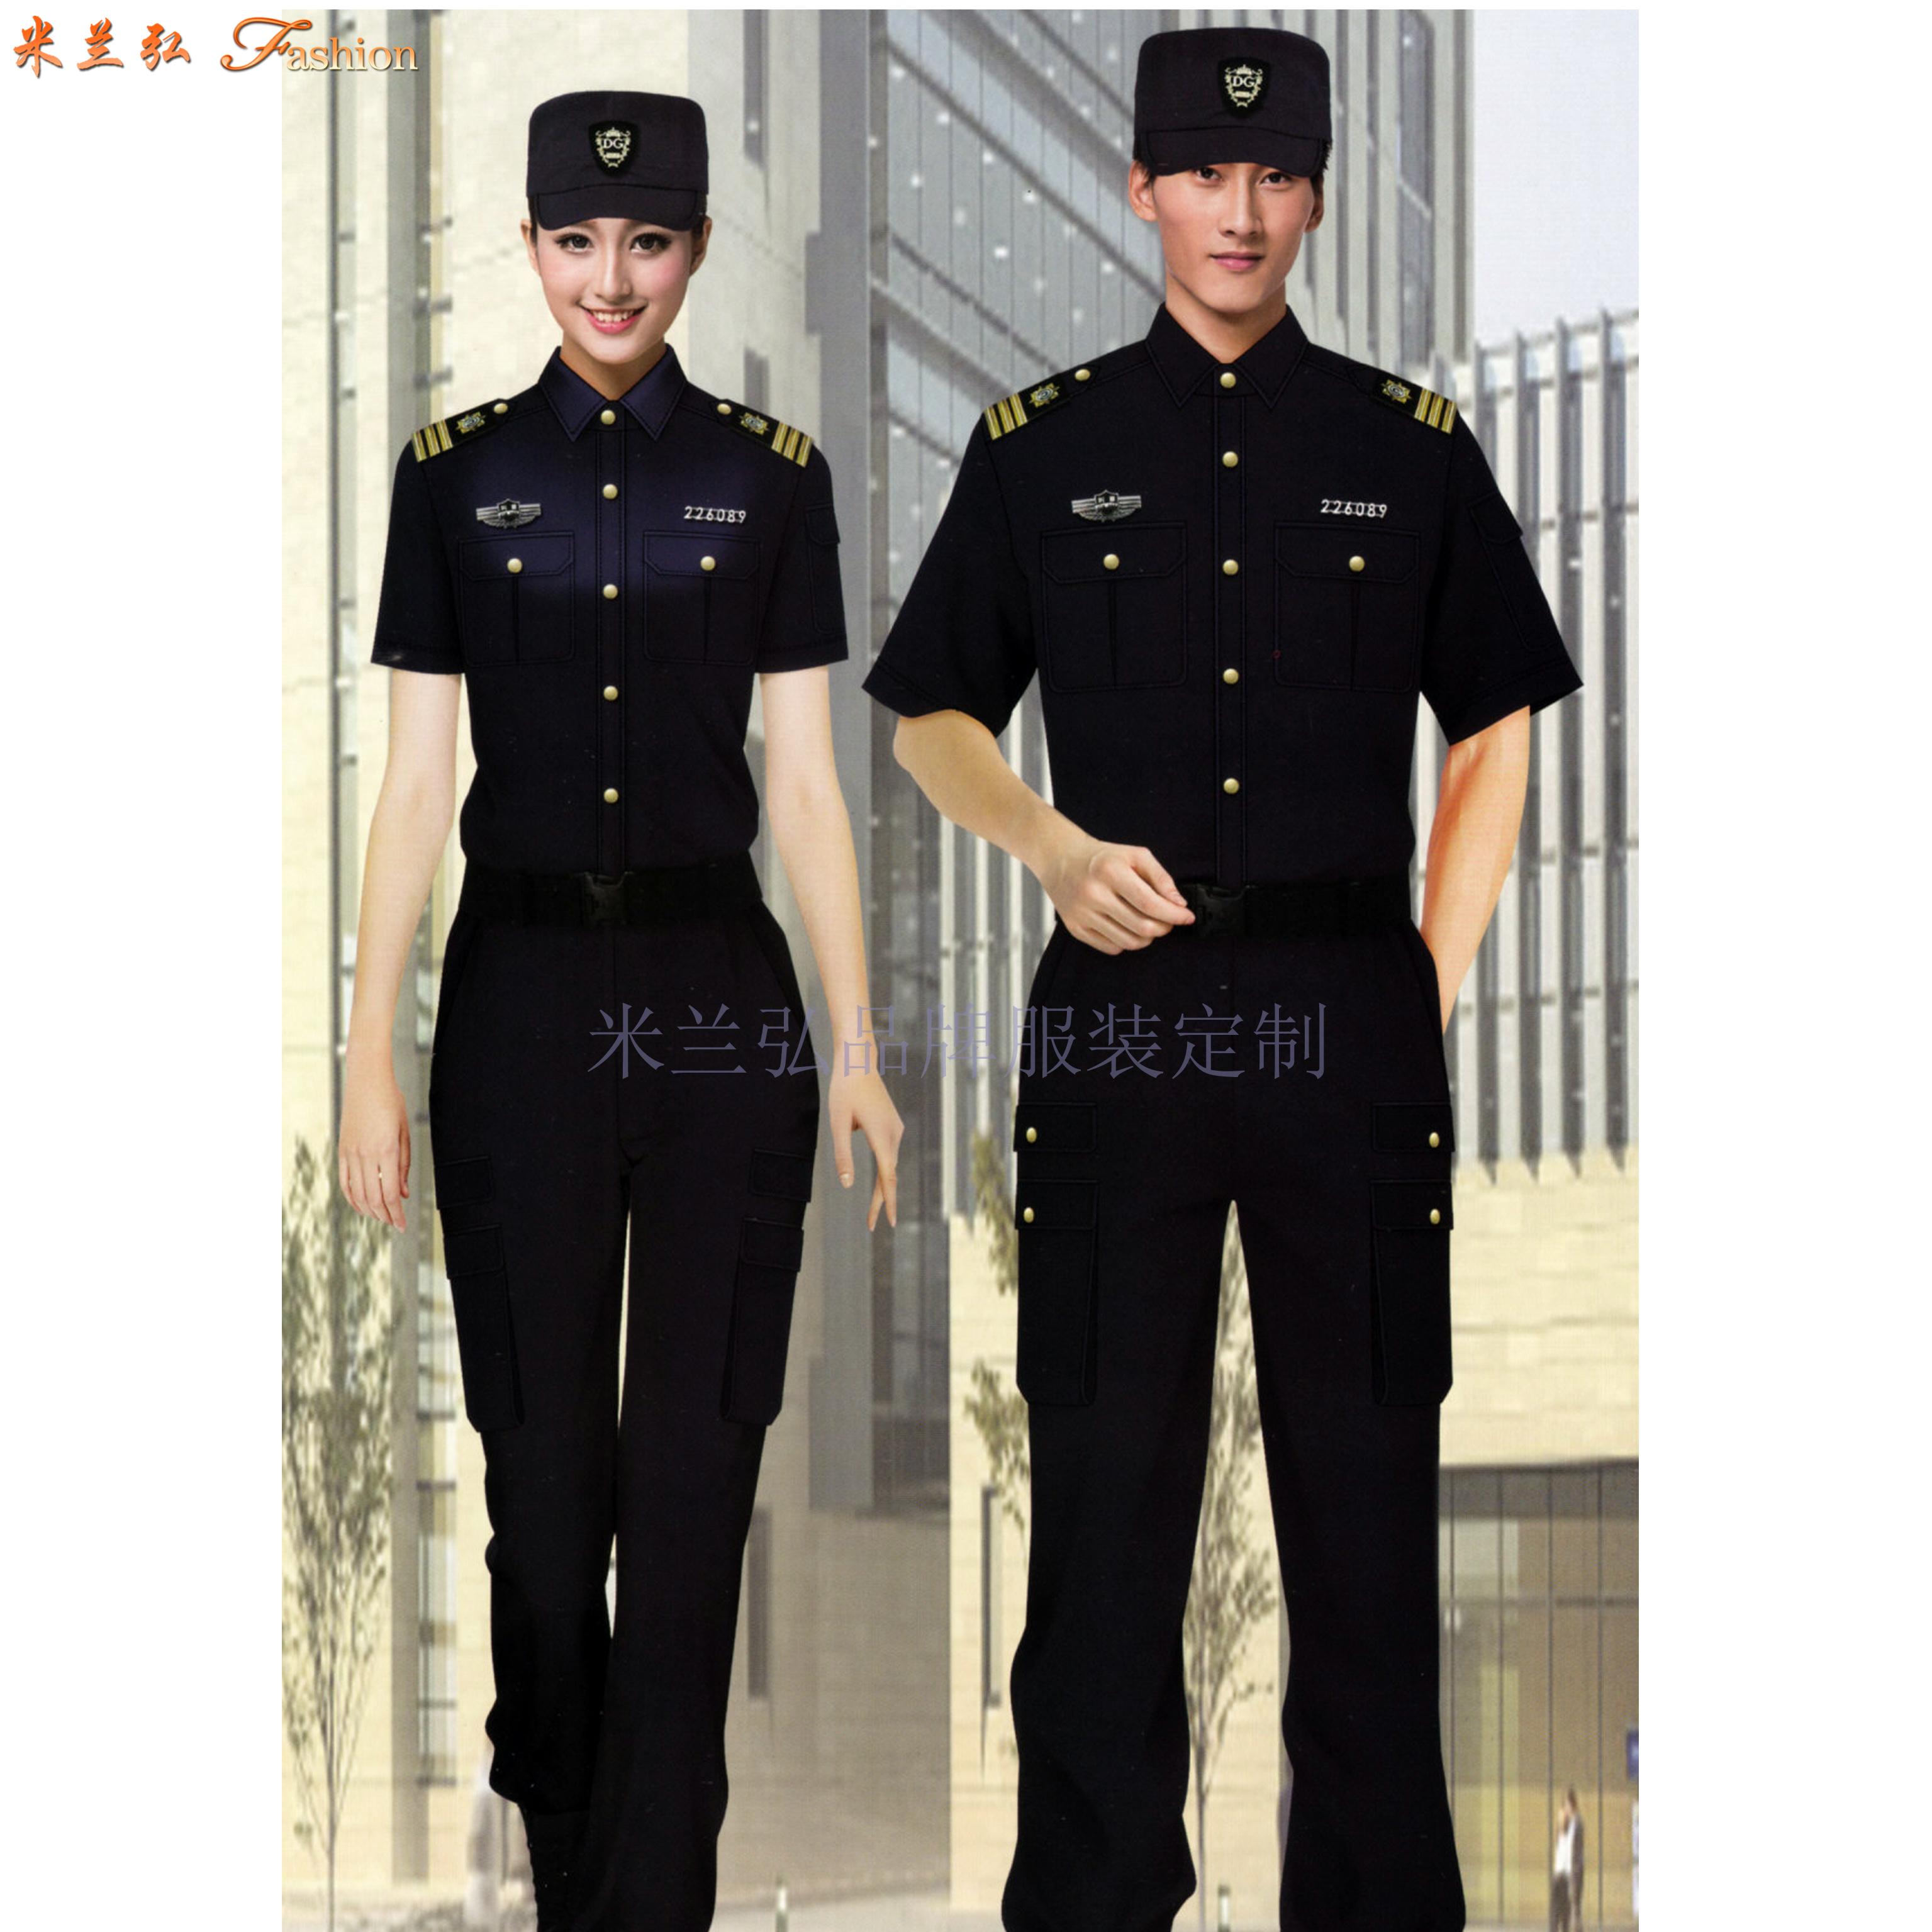 「北京安檢服訂做」「地鐵安檢服定作」「城軌安檢服定制」👍-1